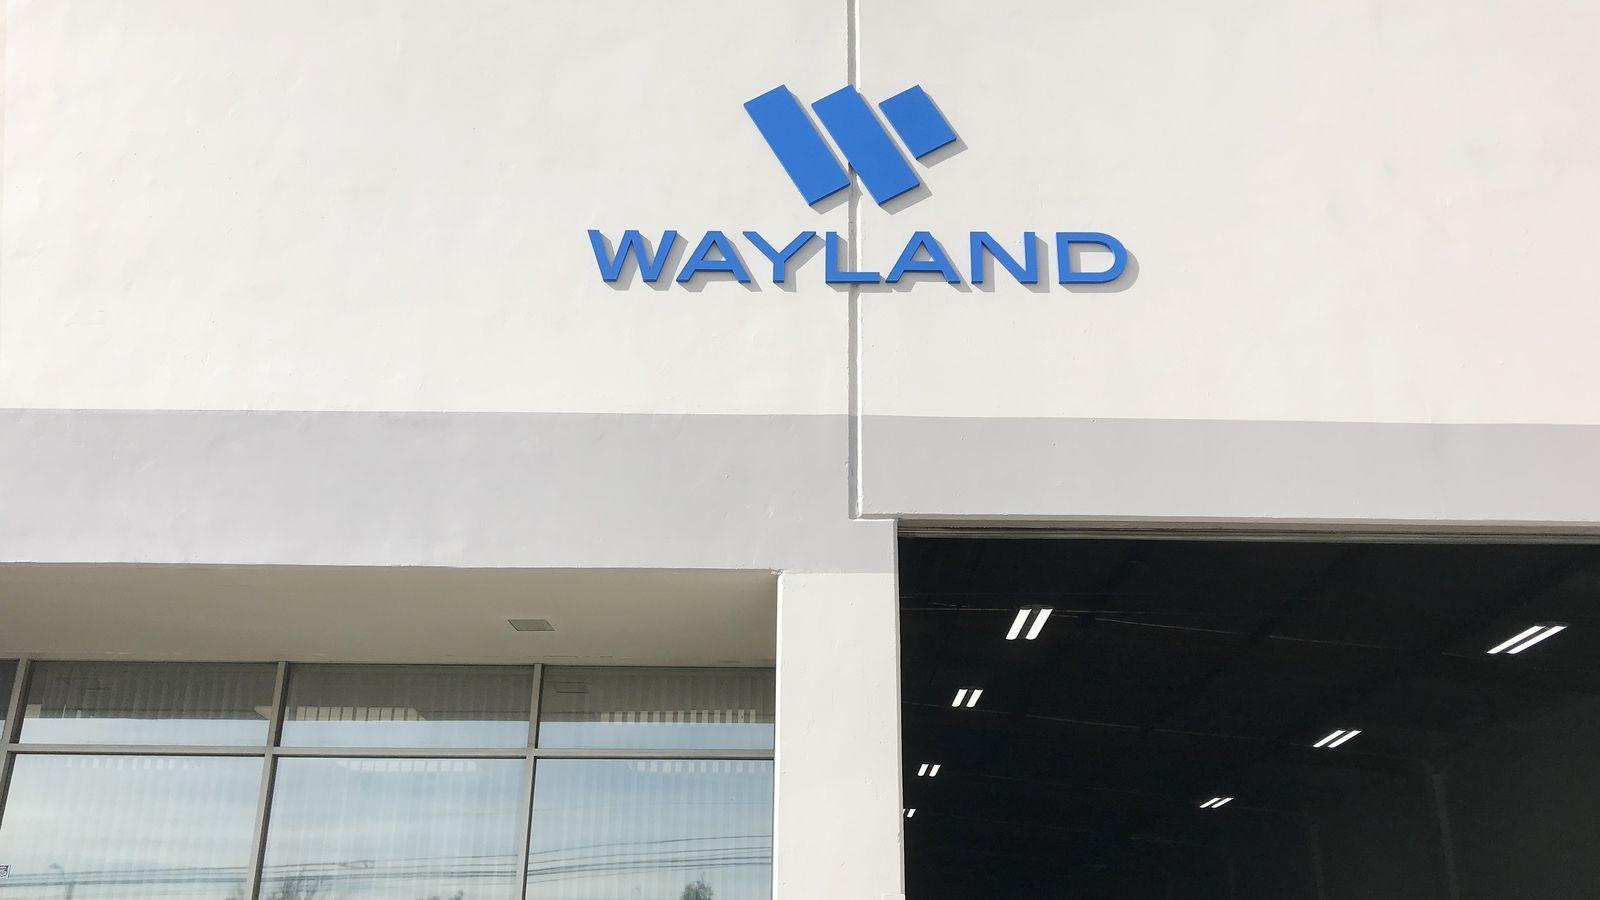 Wayland 3D sign